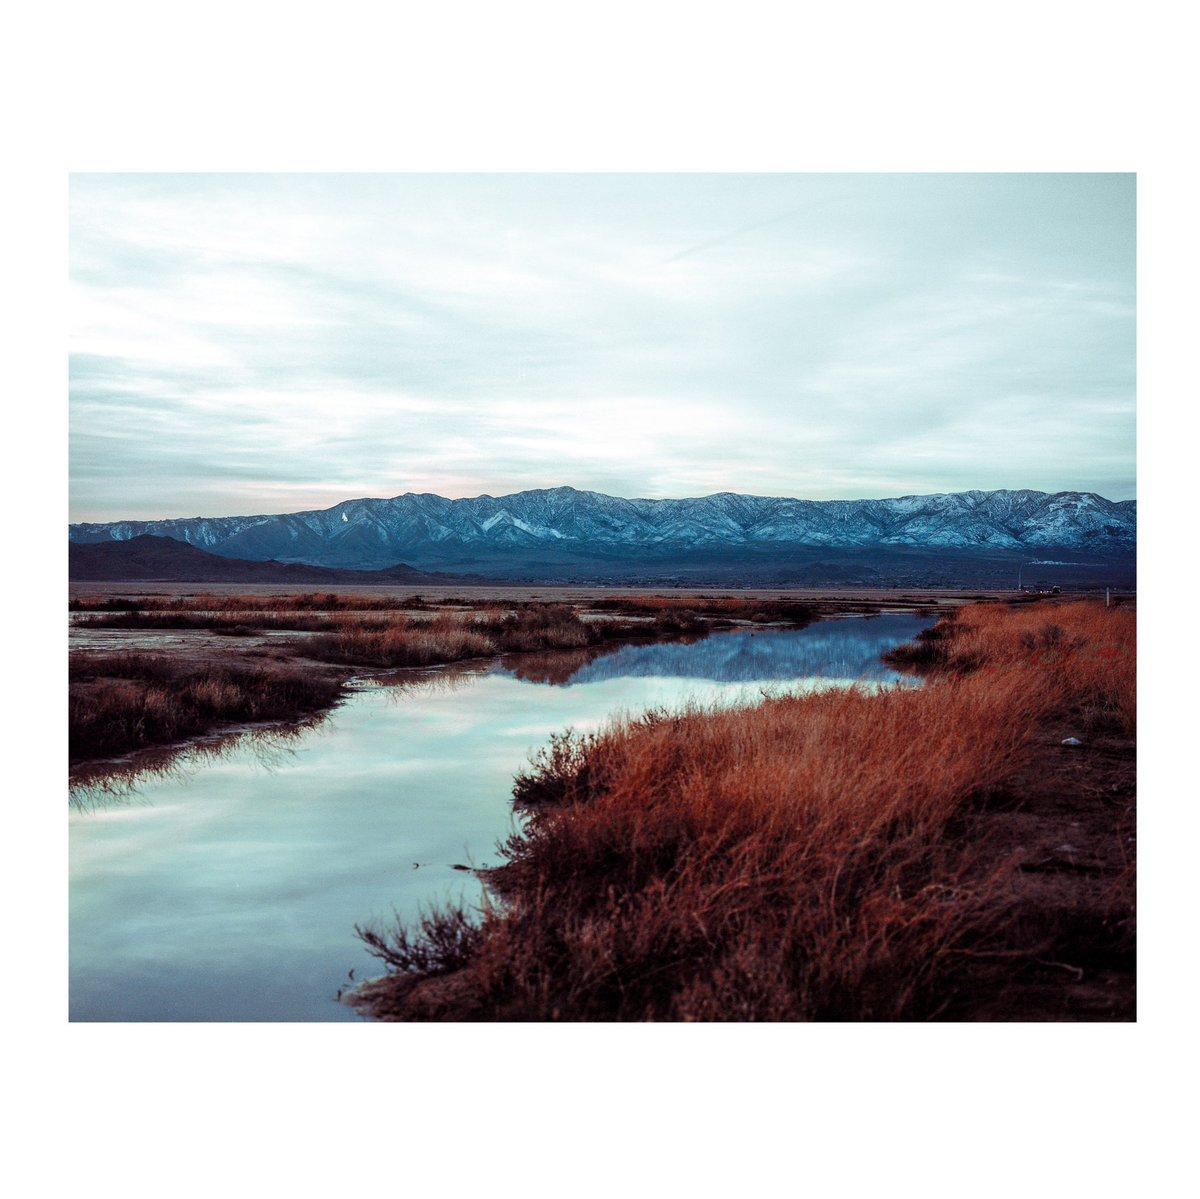 #filmphotography #California #landscapephotography #PhotoOfTheDay #PhotographyIsArt